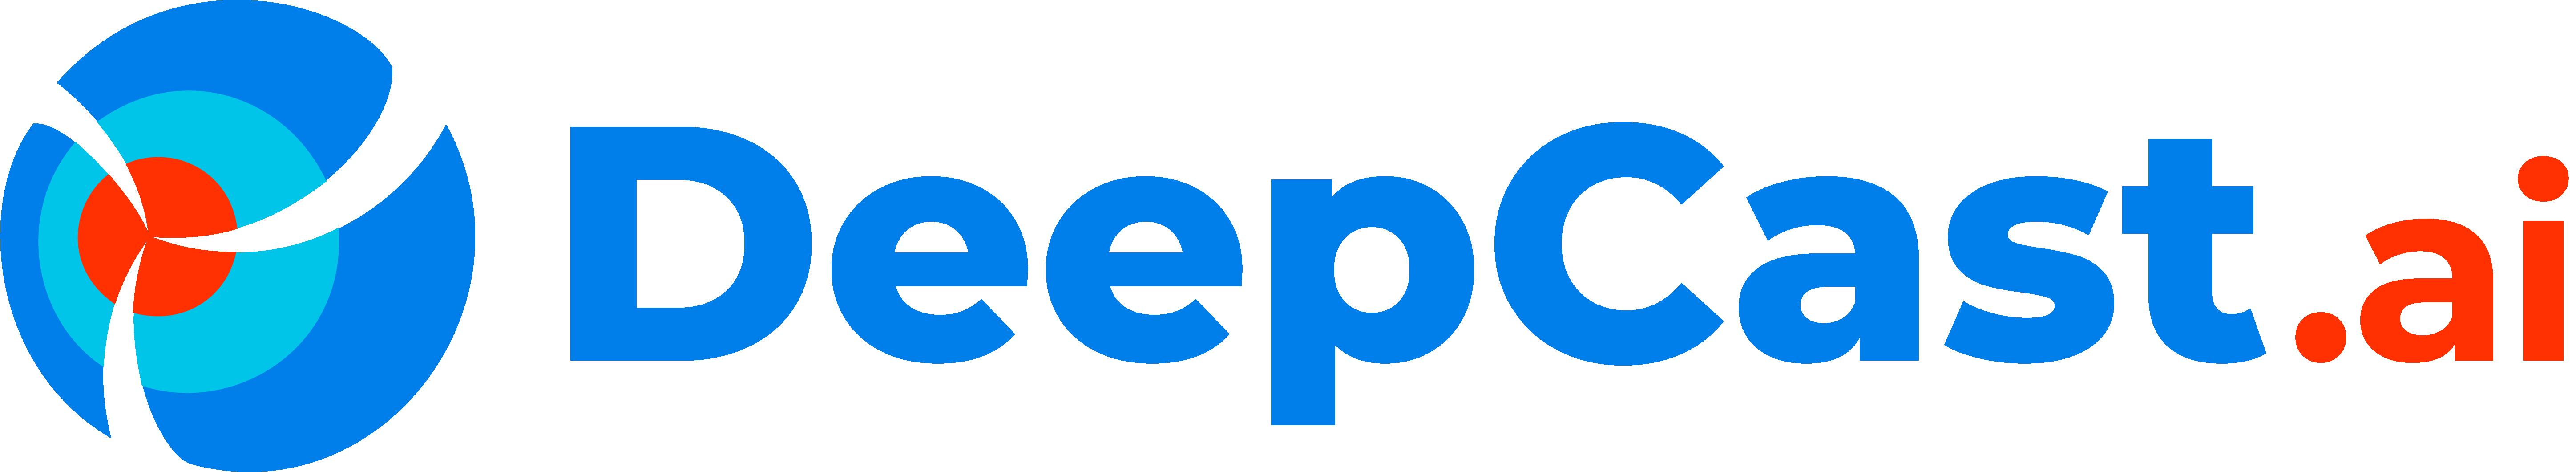 DeepCast.ai